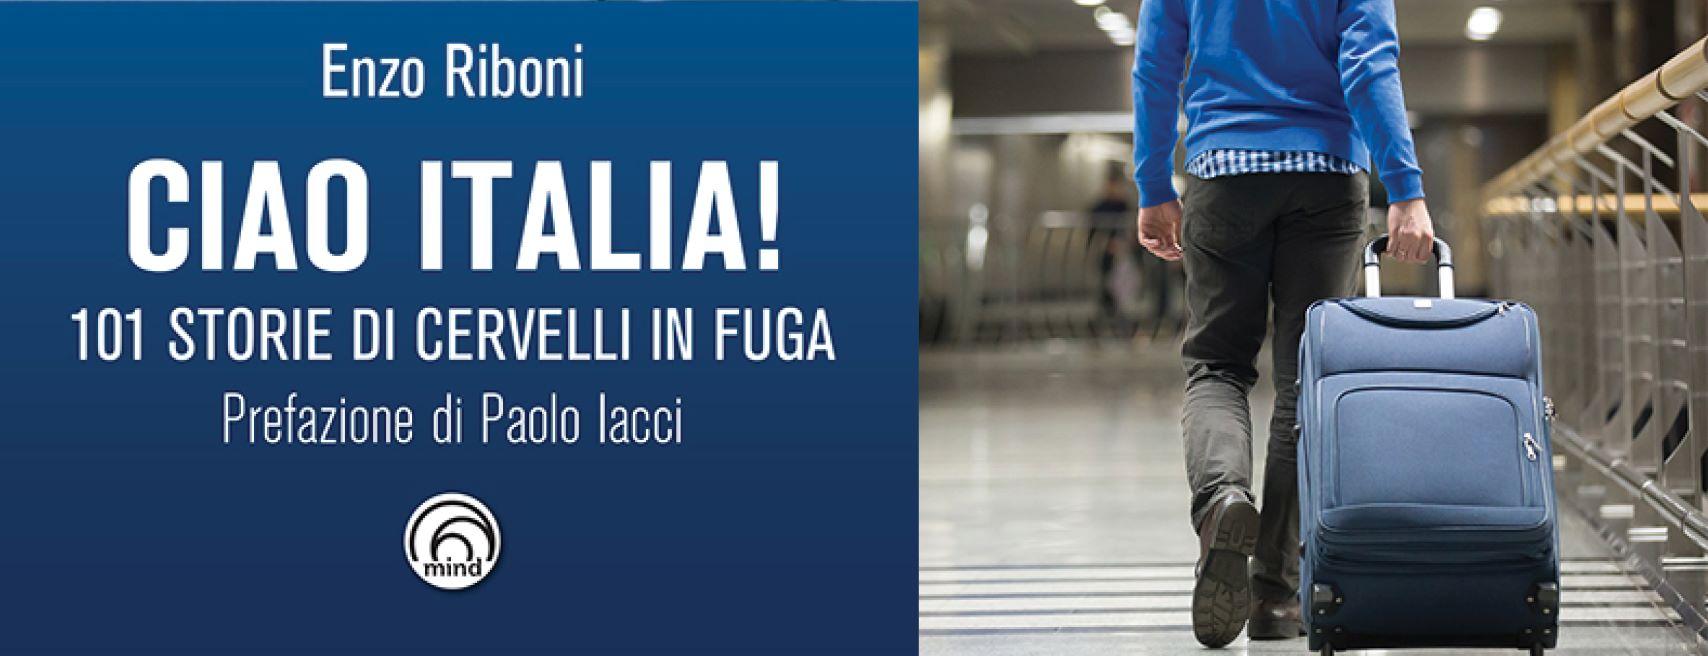 """Dal 6 febbraio in libreria """"Ciao Italia! 101 storie di cervelli in fuga"""""""